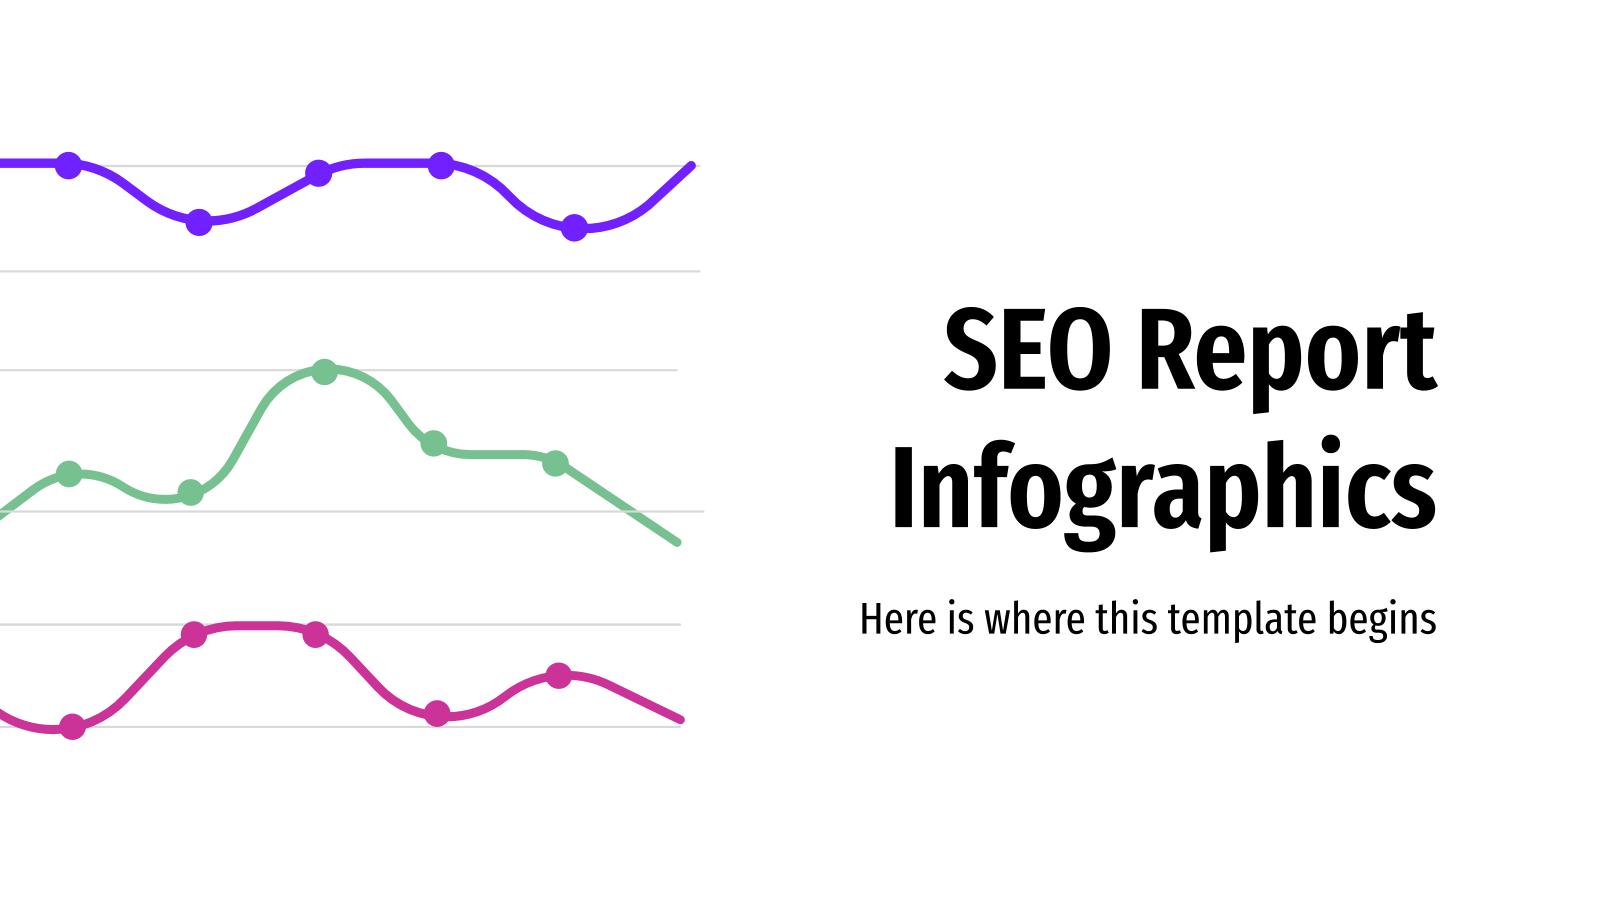 Infographies de rapport SEO : Modèles de présentation